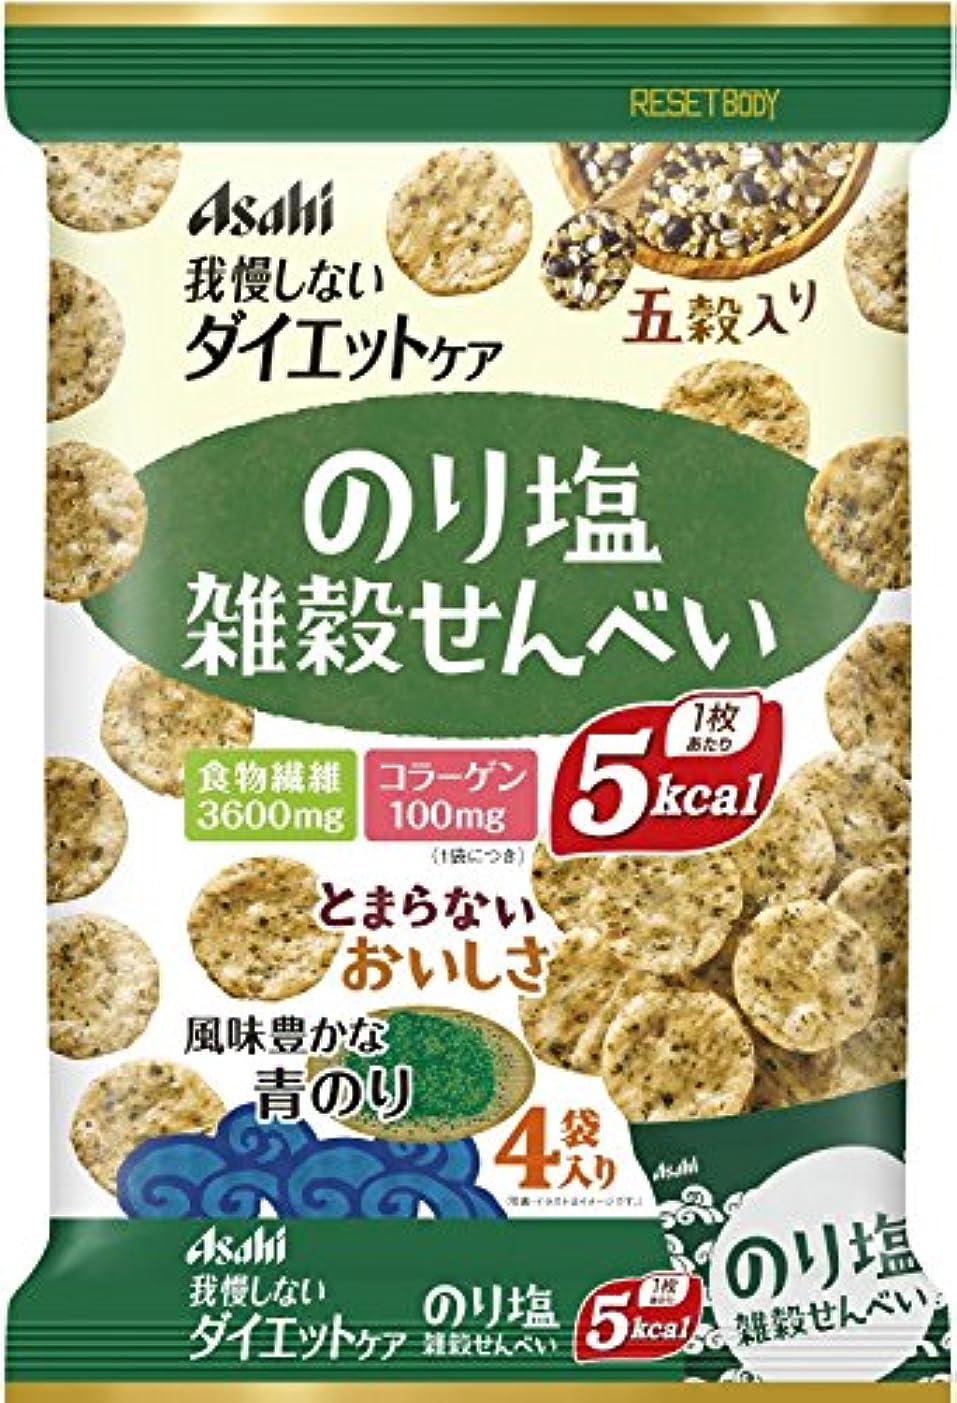 甘美な義務基本的なリセットボディ 雑穀せんべい のり塩味 88g(22g×4袋)